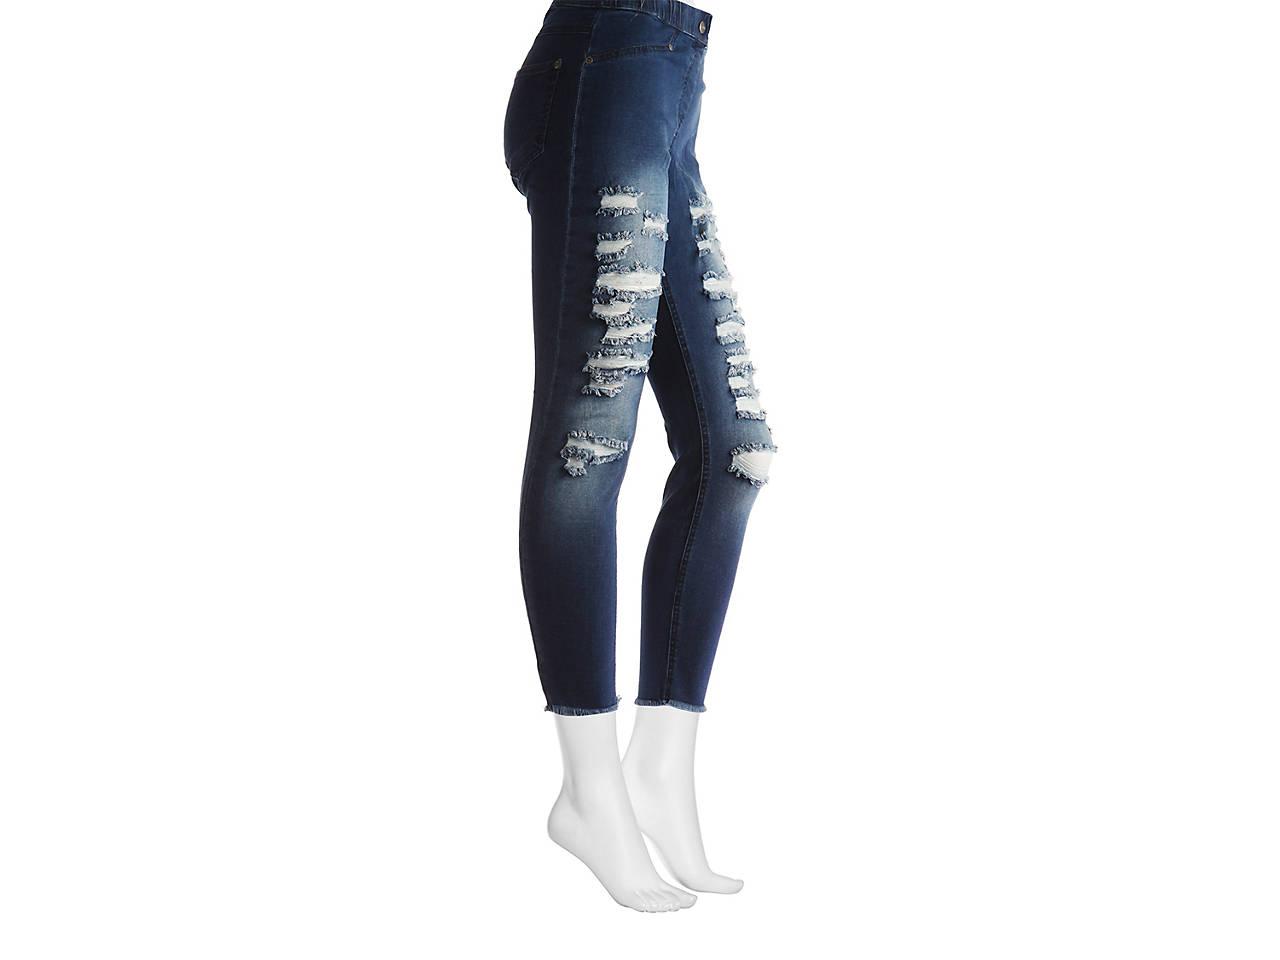 80bde8de3365a6 HUE Hosiery Ripped Denim Women's Leggings Women's Handbags ...